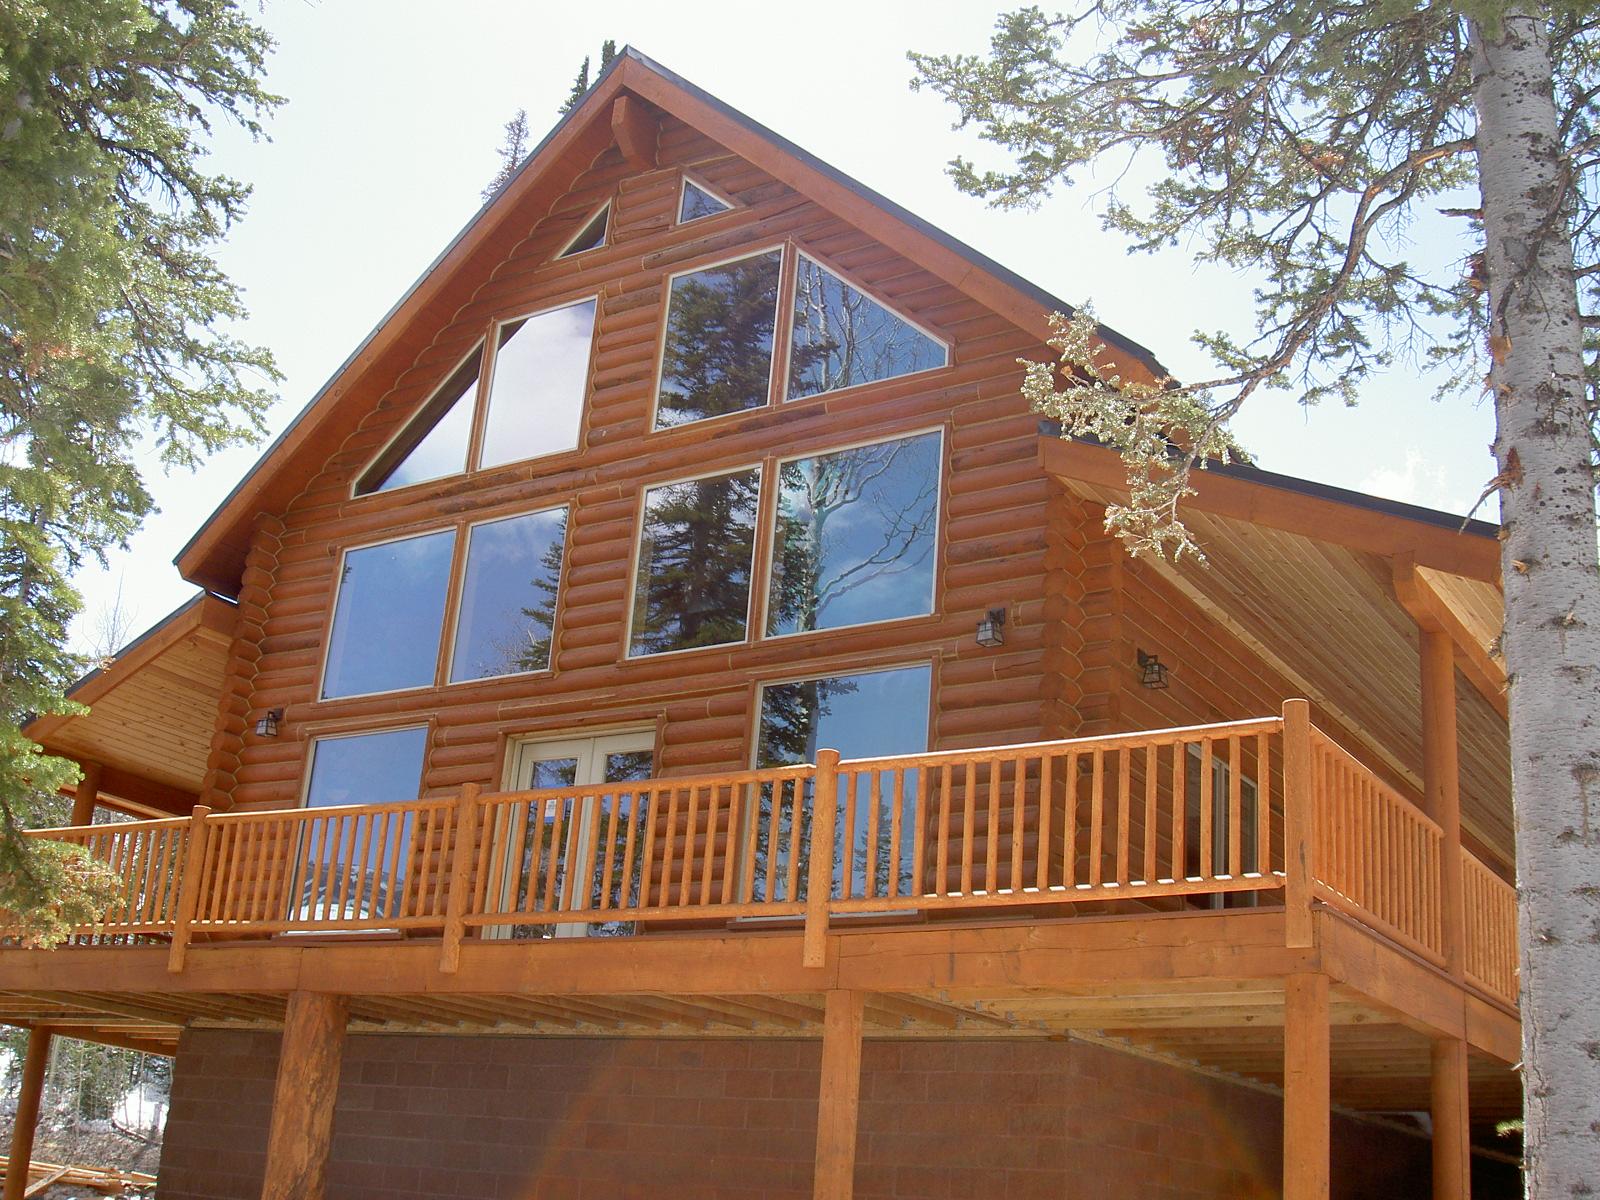 Brian head utah real estate log cabin for sale mls 31557 for Log cabins in utah